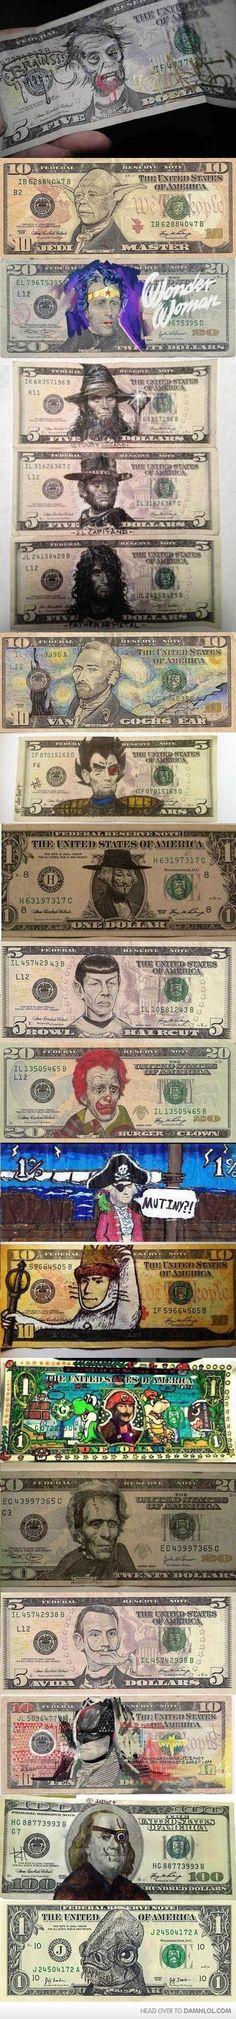 Money faces